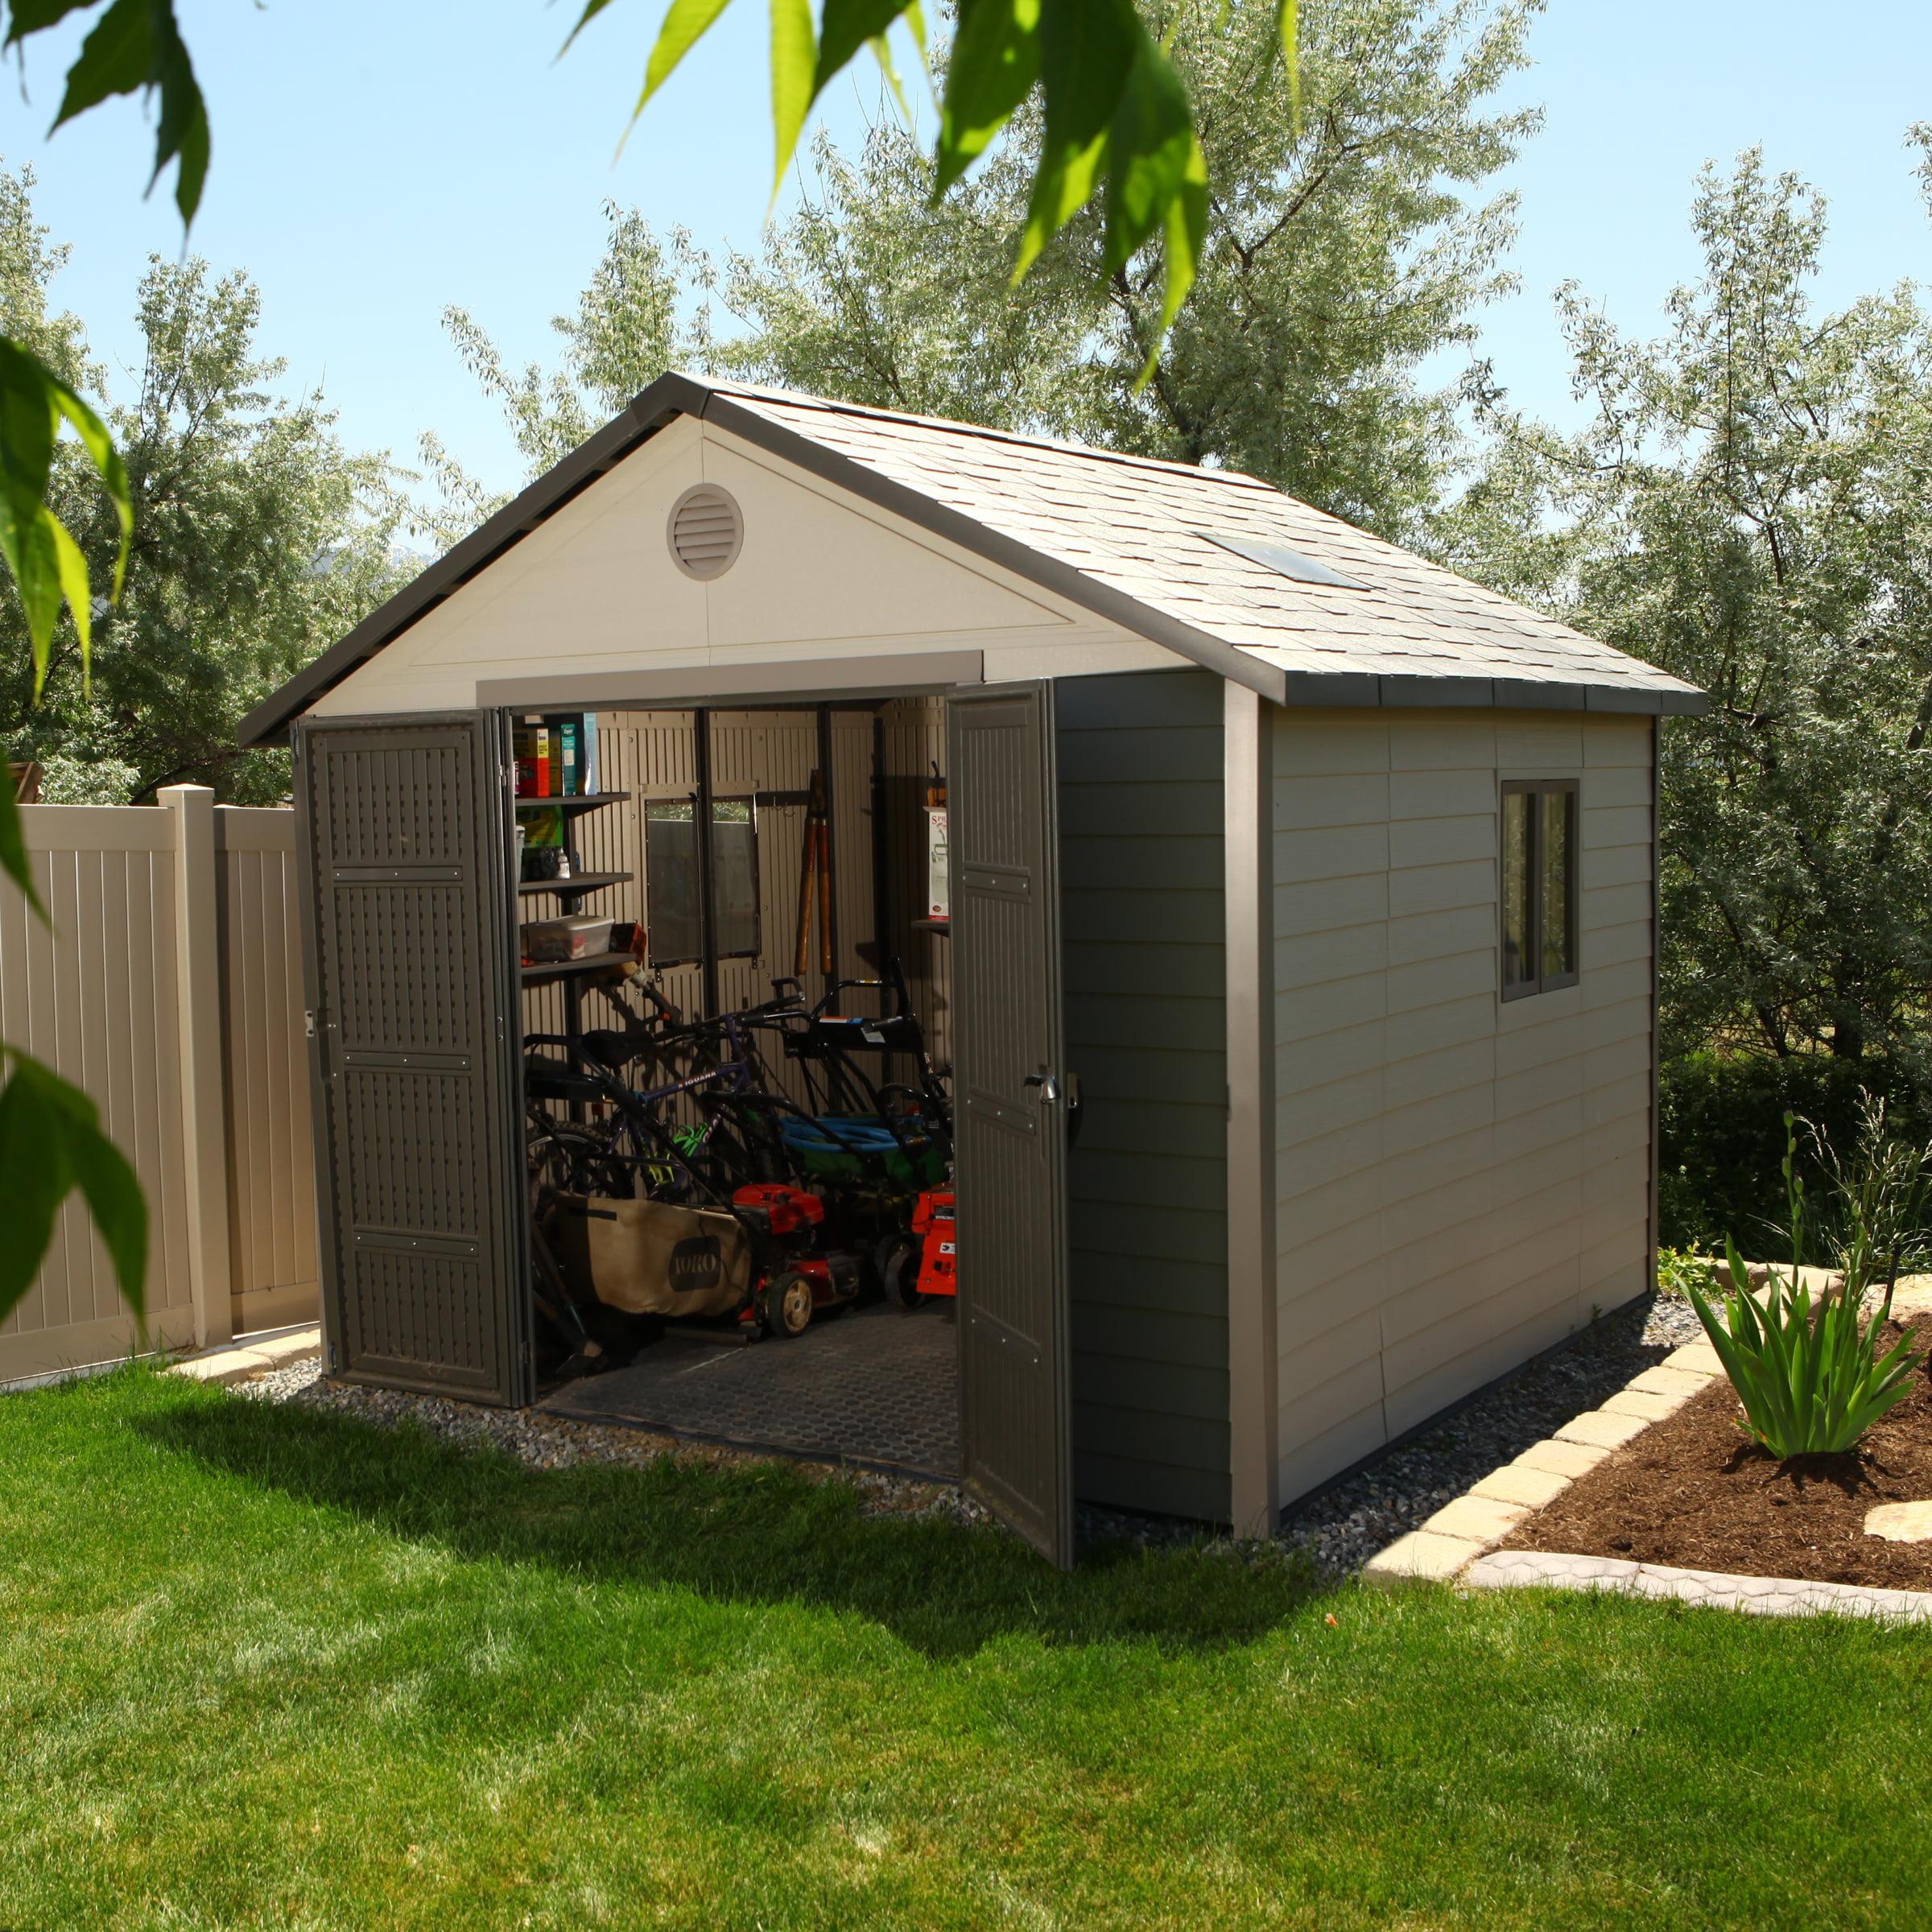 Comment Protéger Le Mobilier De Jardin En Hiver ? intérieur Peinture Abri De Jardin